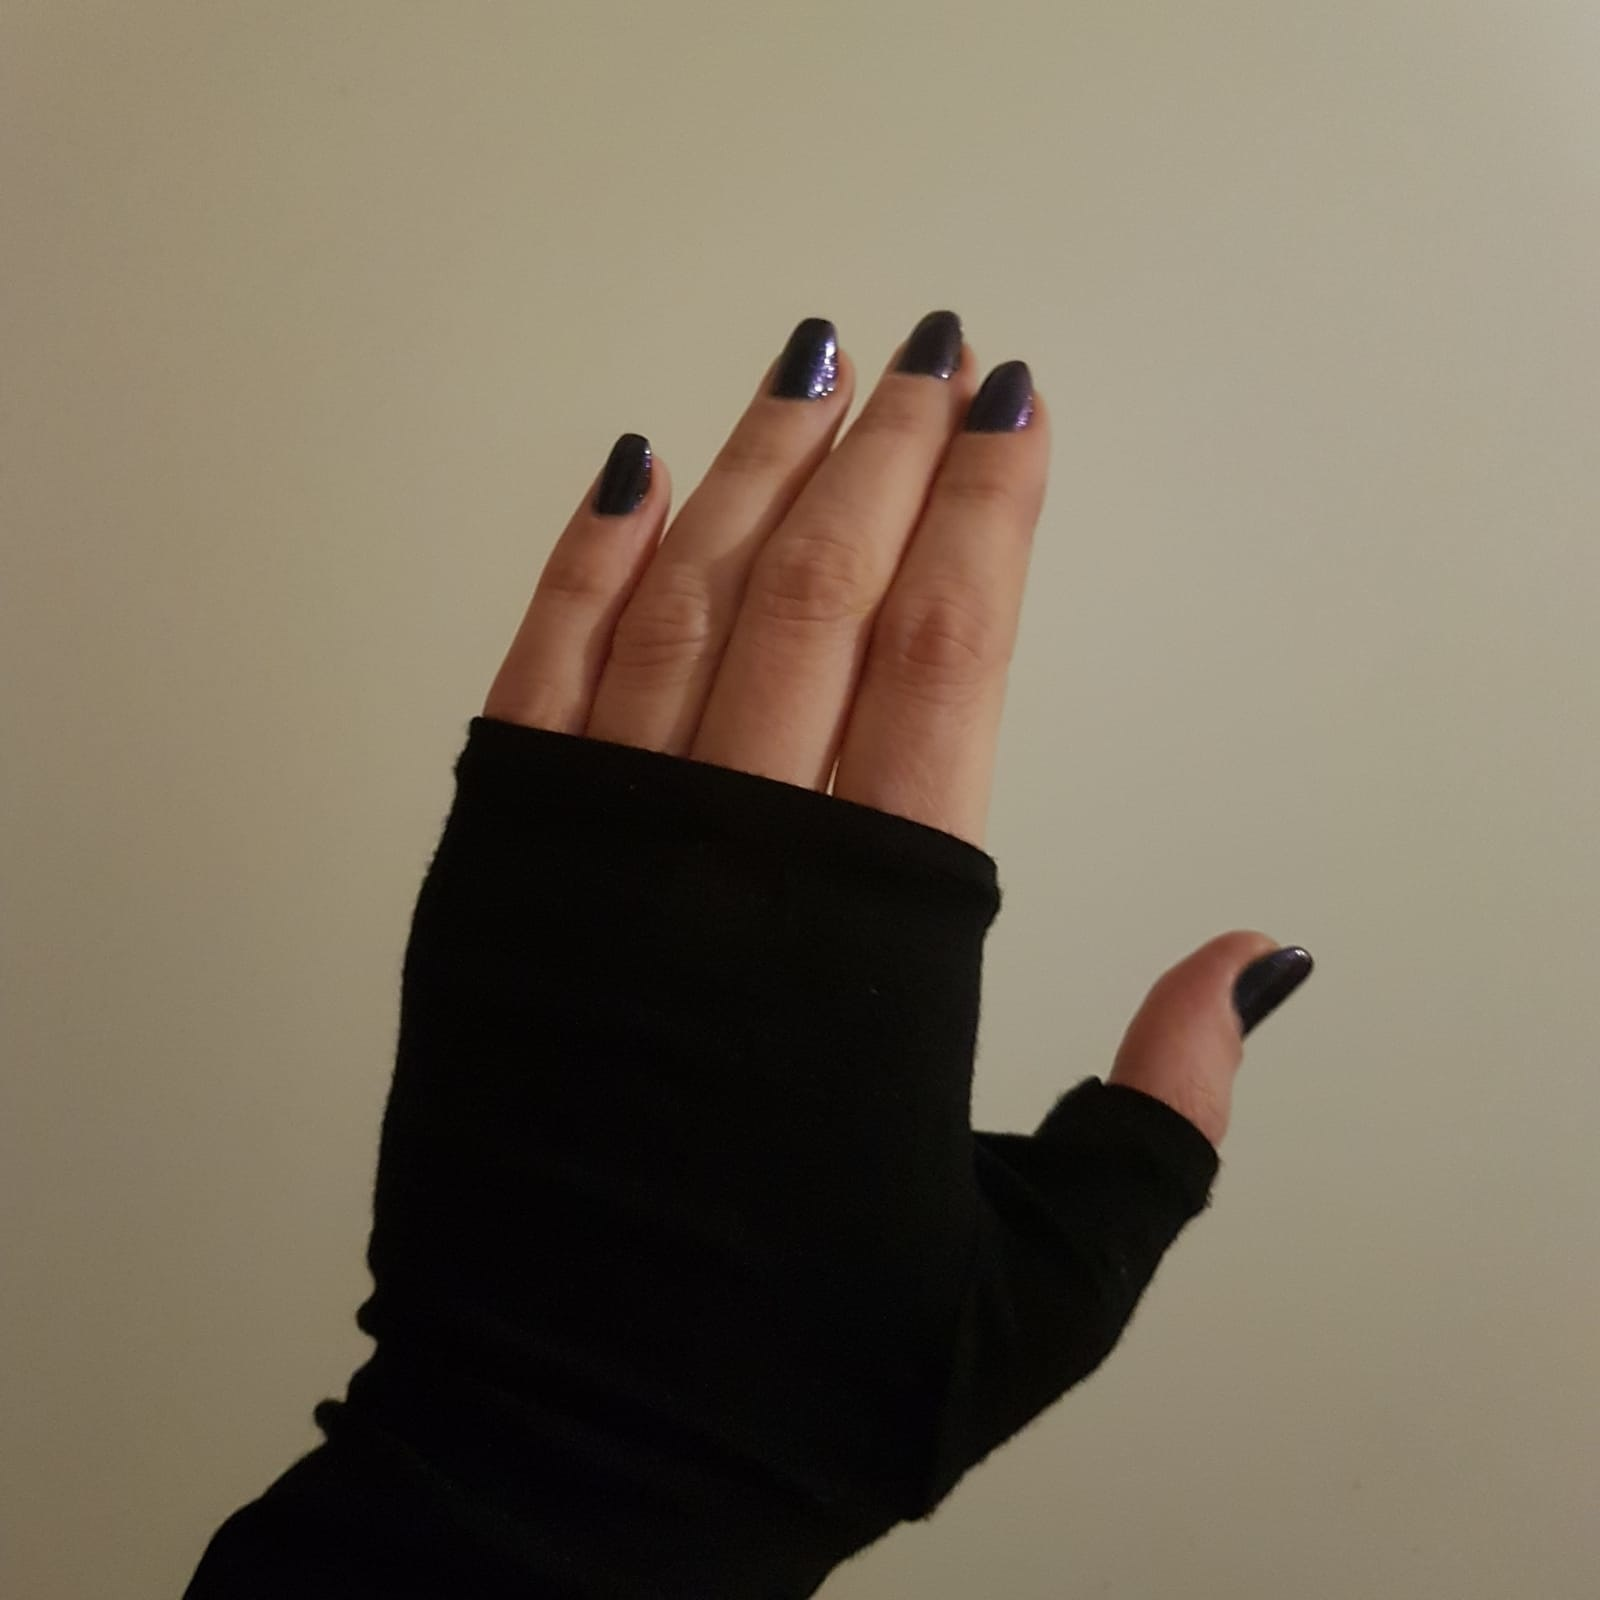 Katoenen Opera Vingerloze Handschoenen/Mittaines versch. kleuren